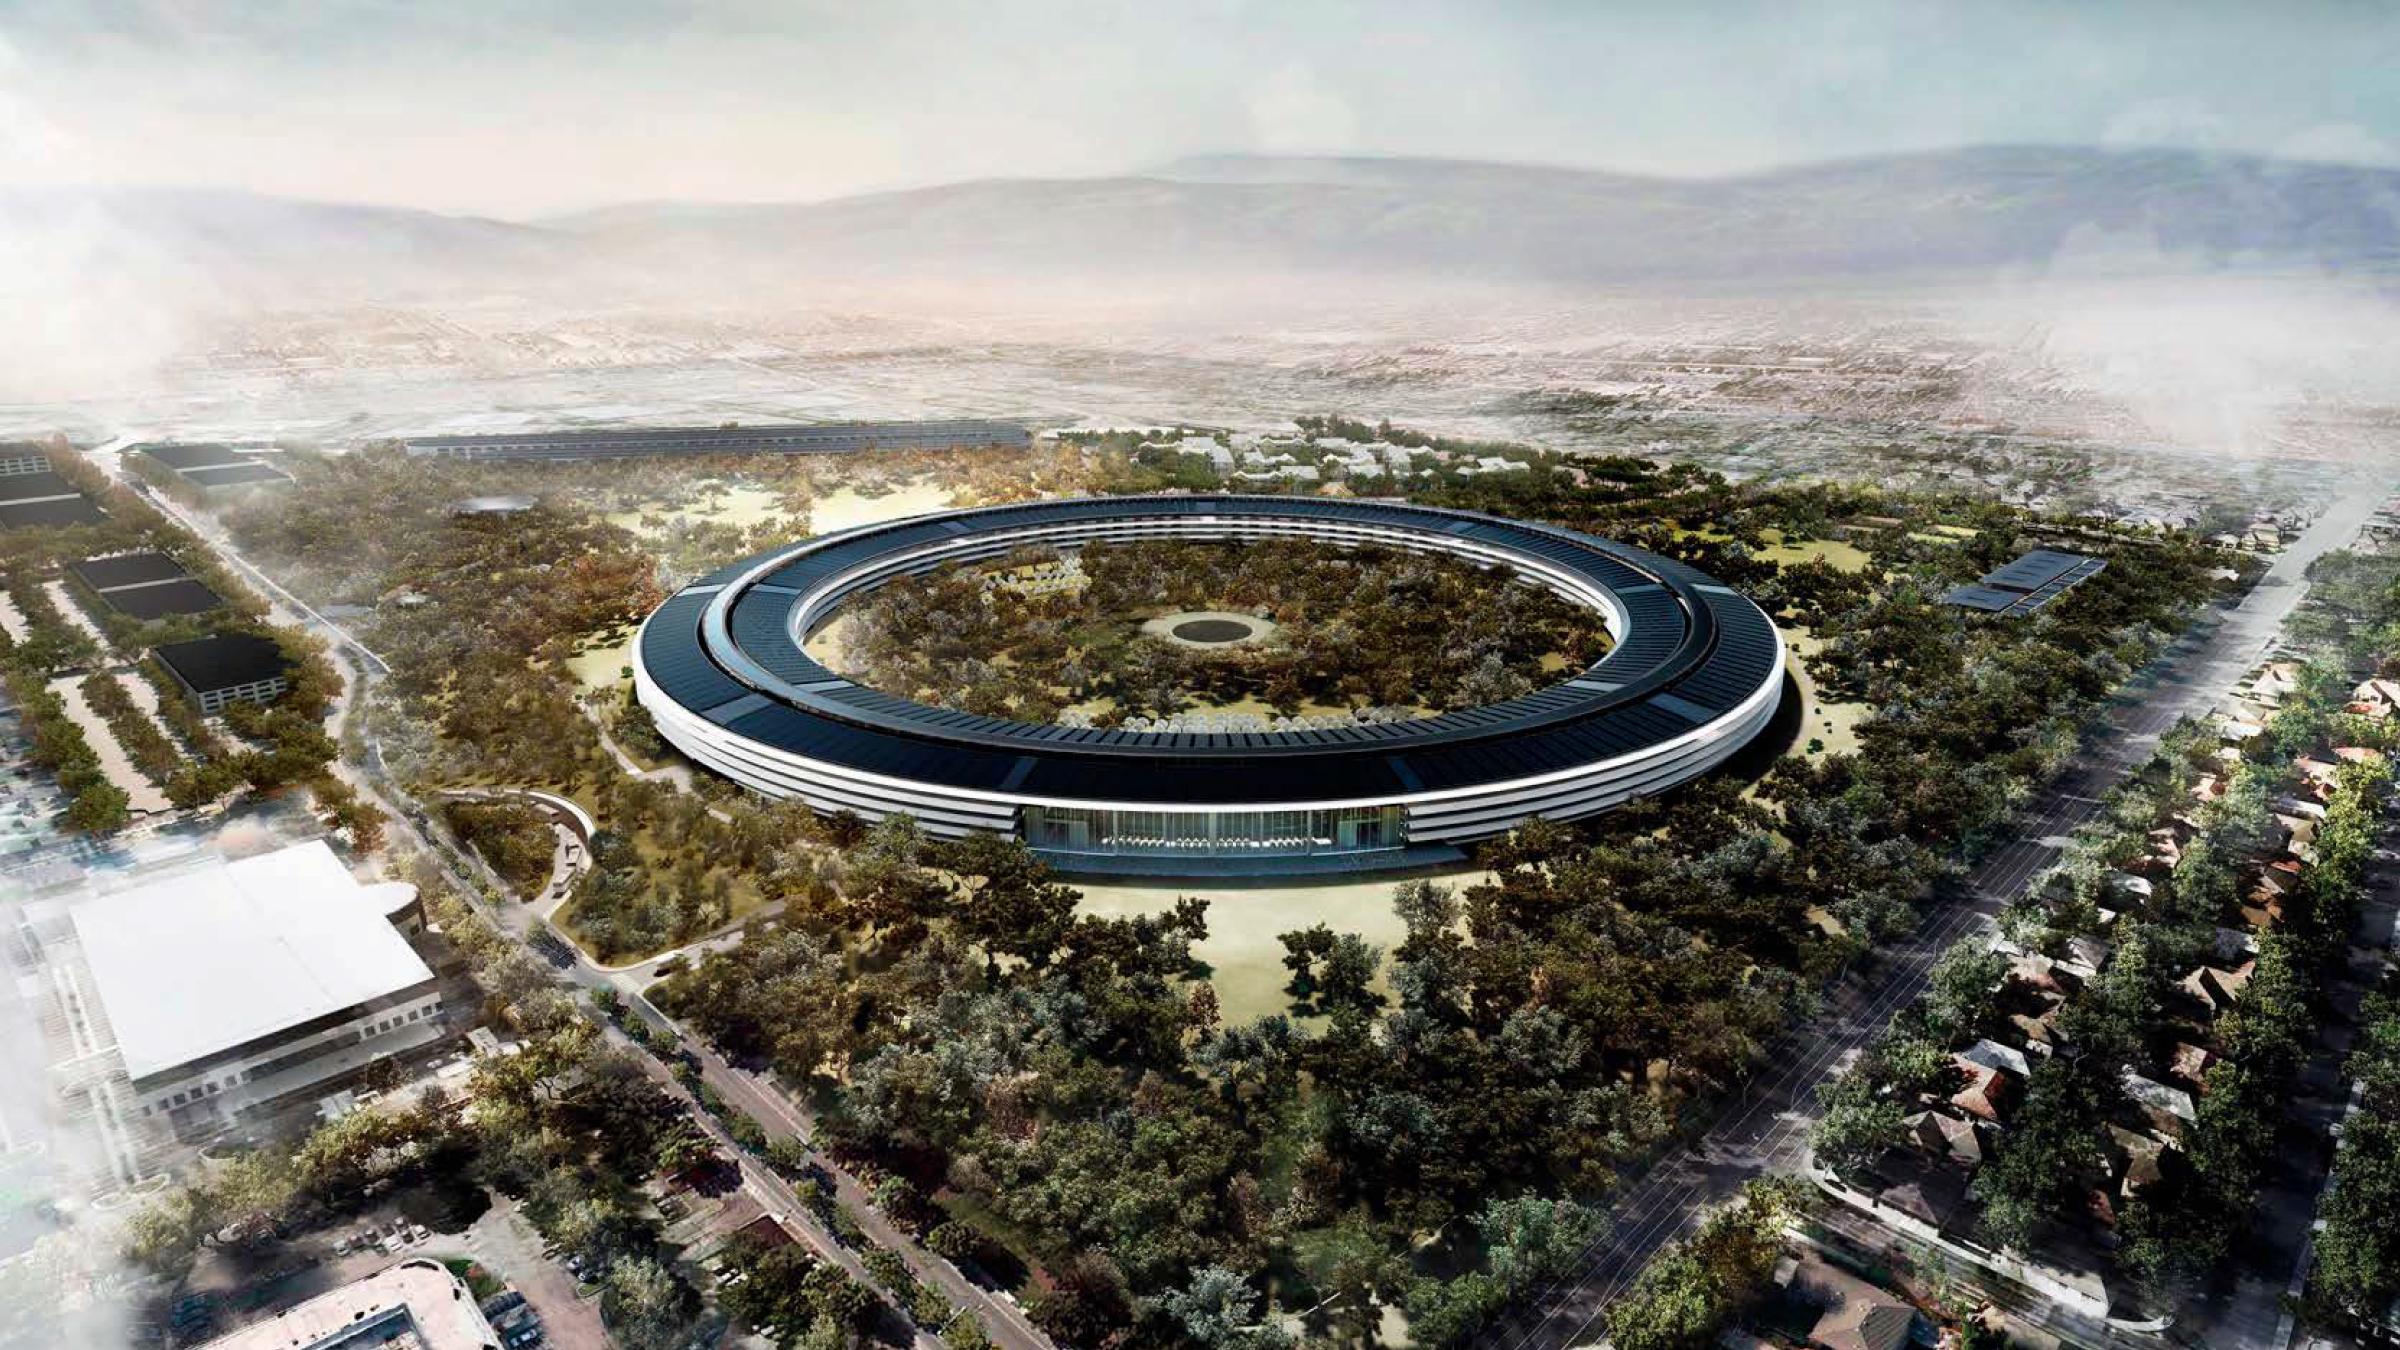 Apple's next campus